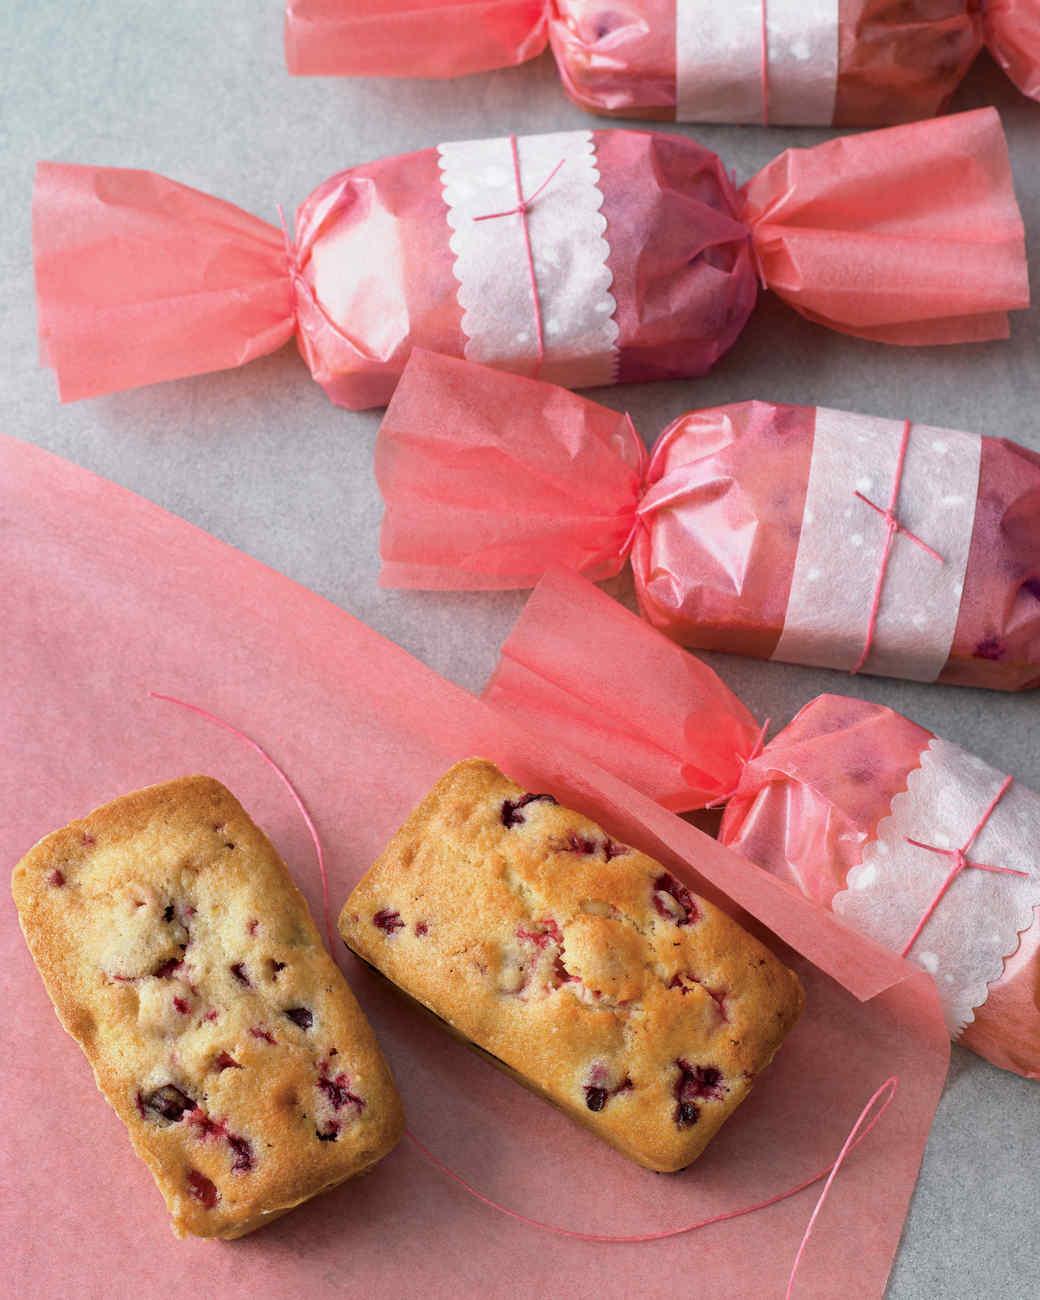 蔓越莓-橙-核桃-茶-蛋糕-mscakes-004-r2.jpg